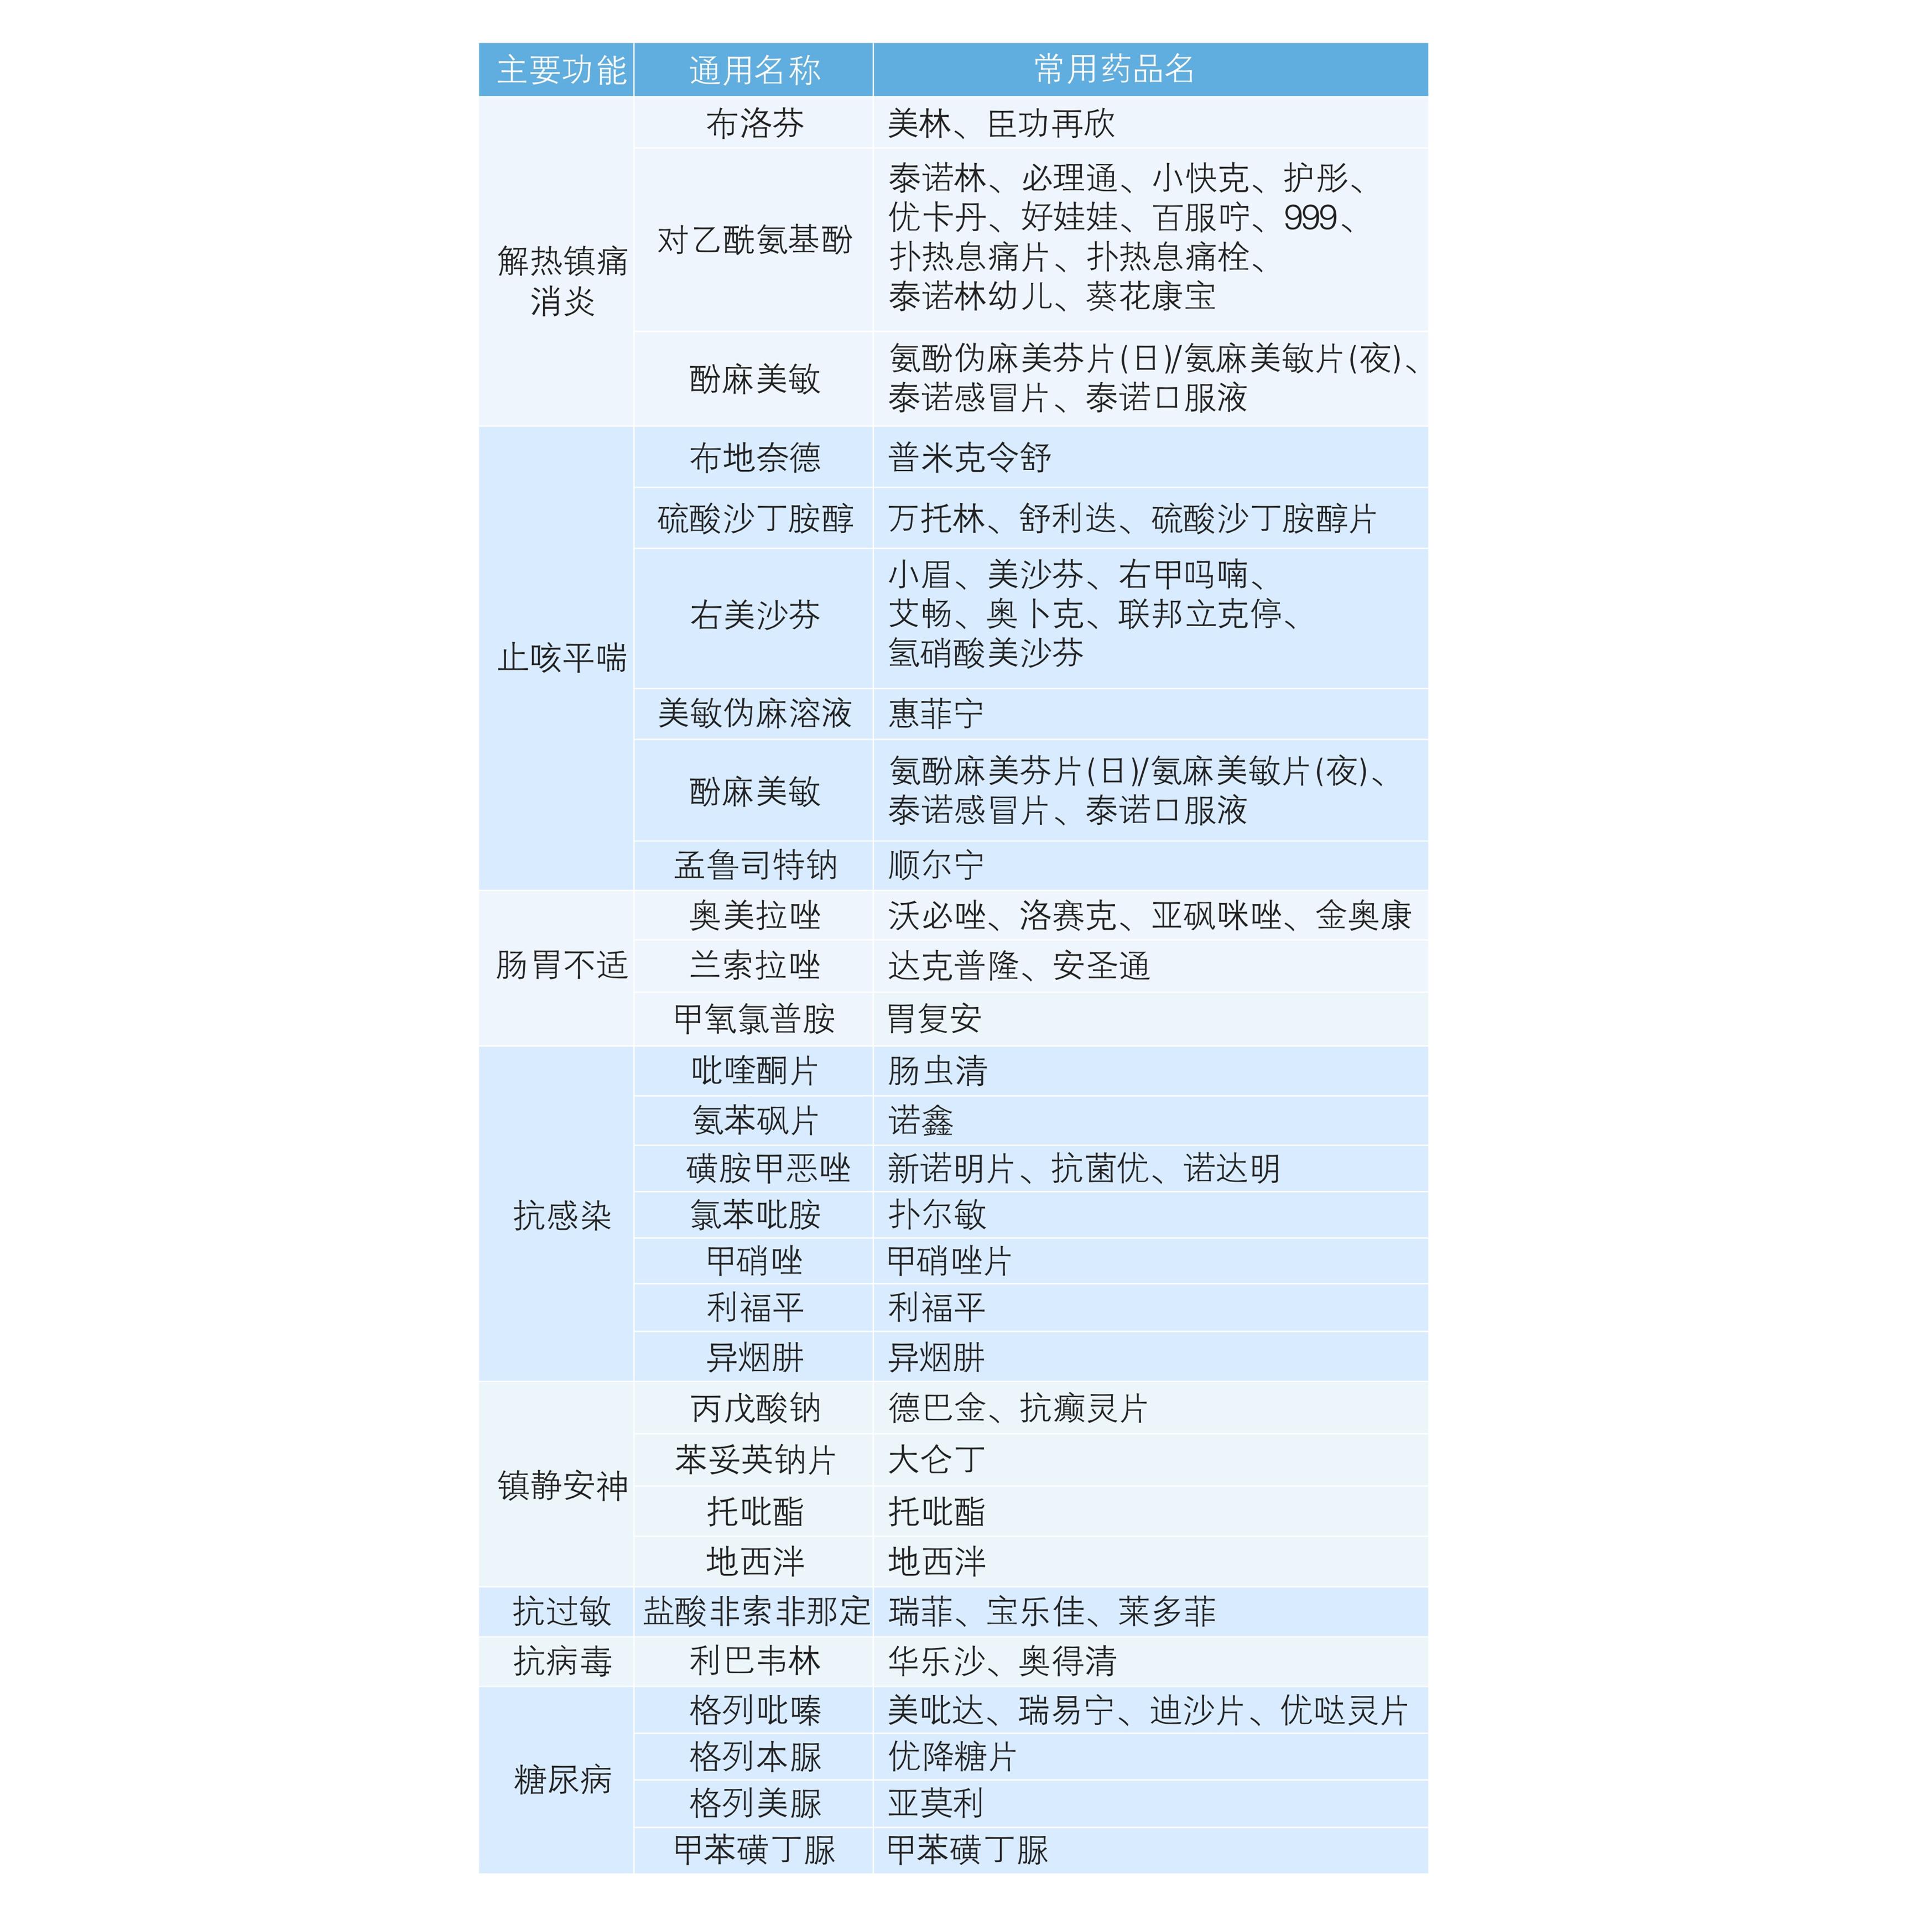 图4_副本.jpg